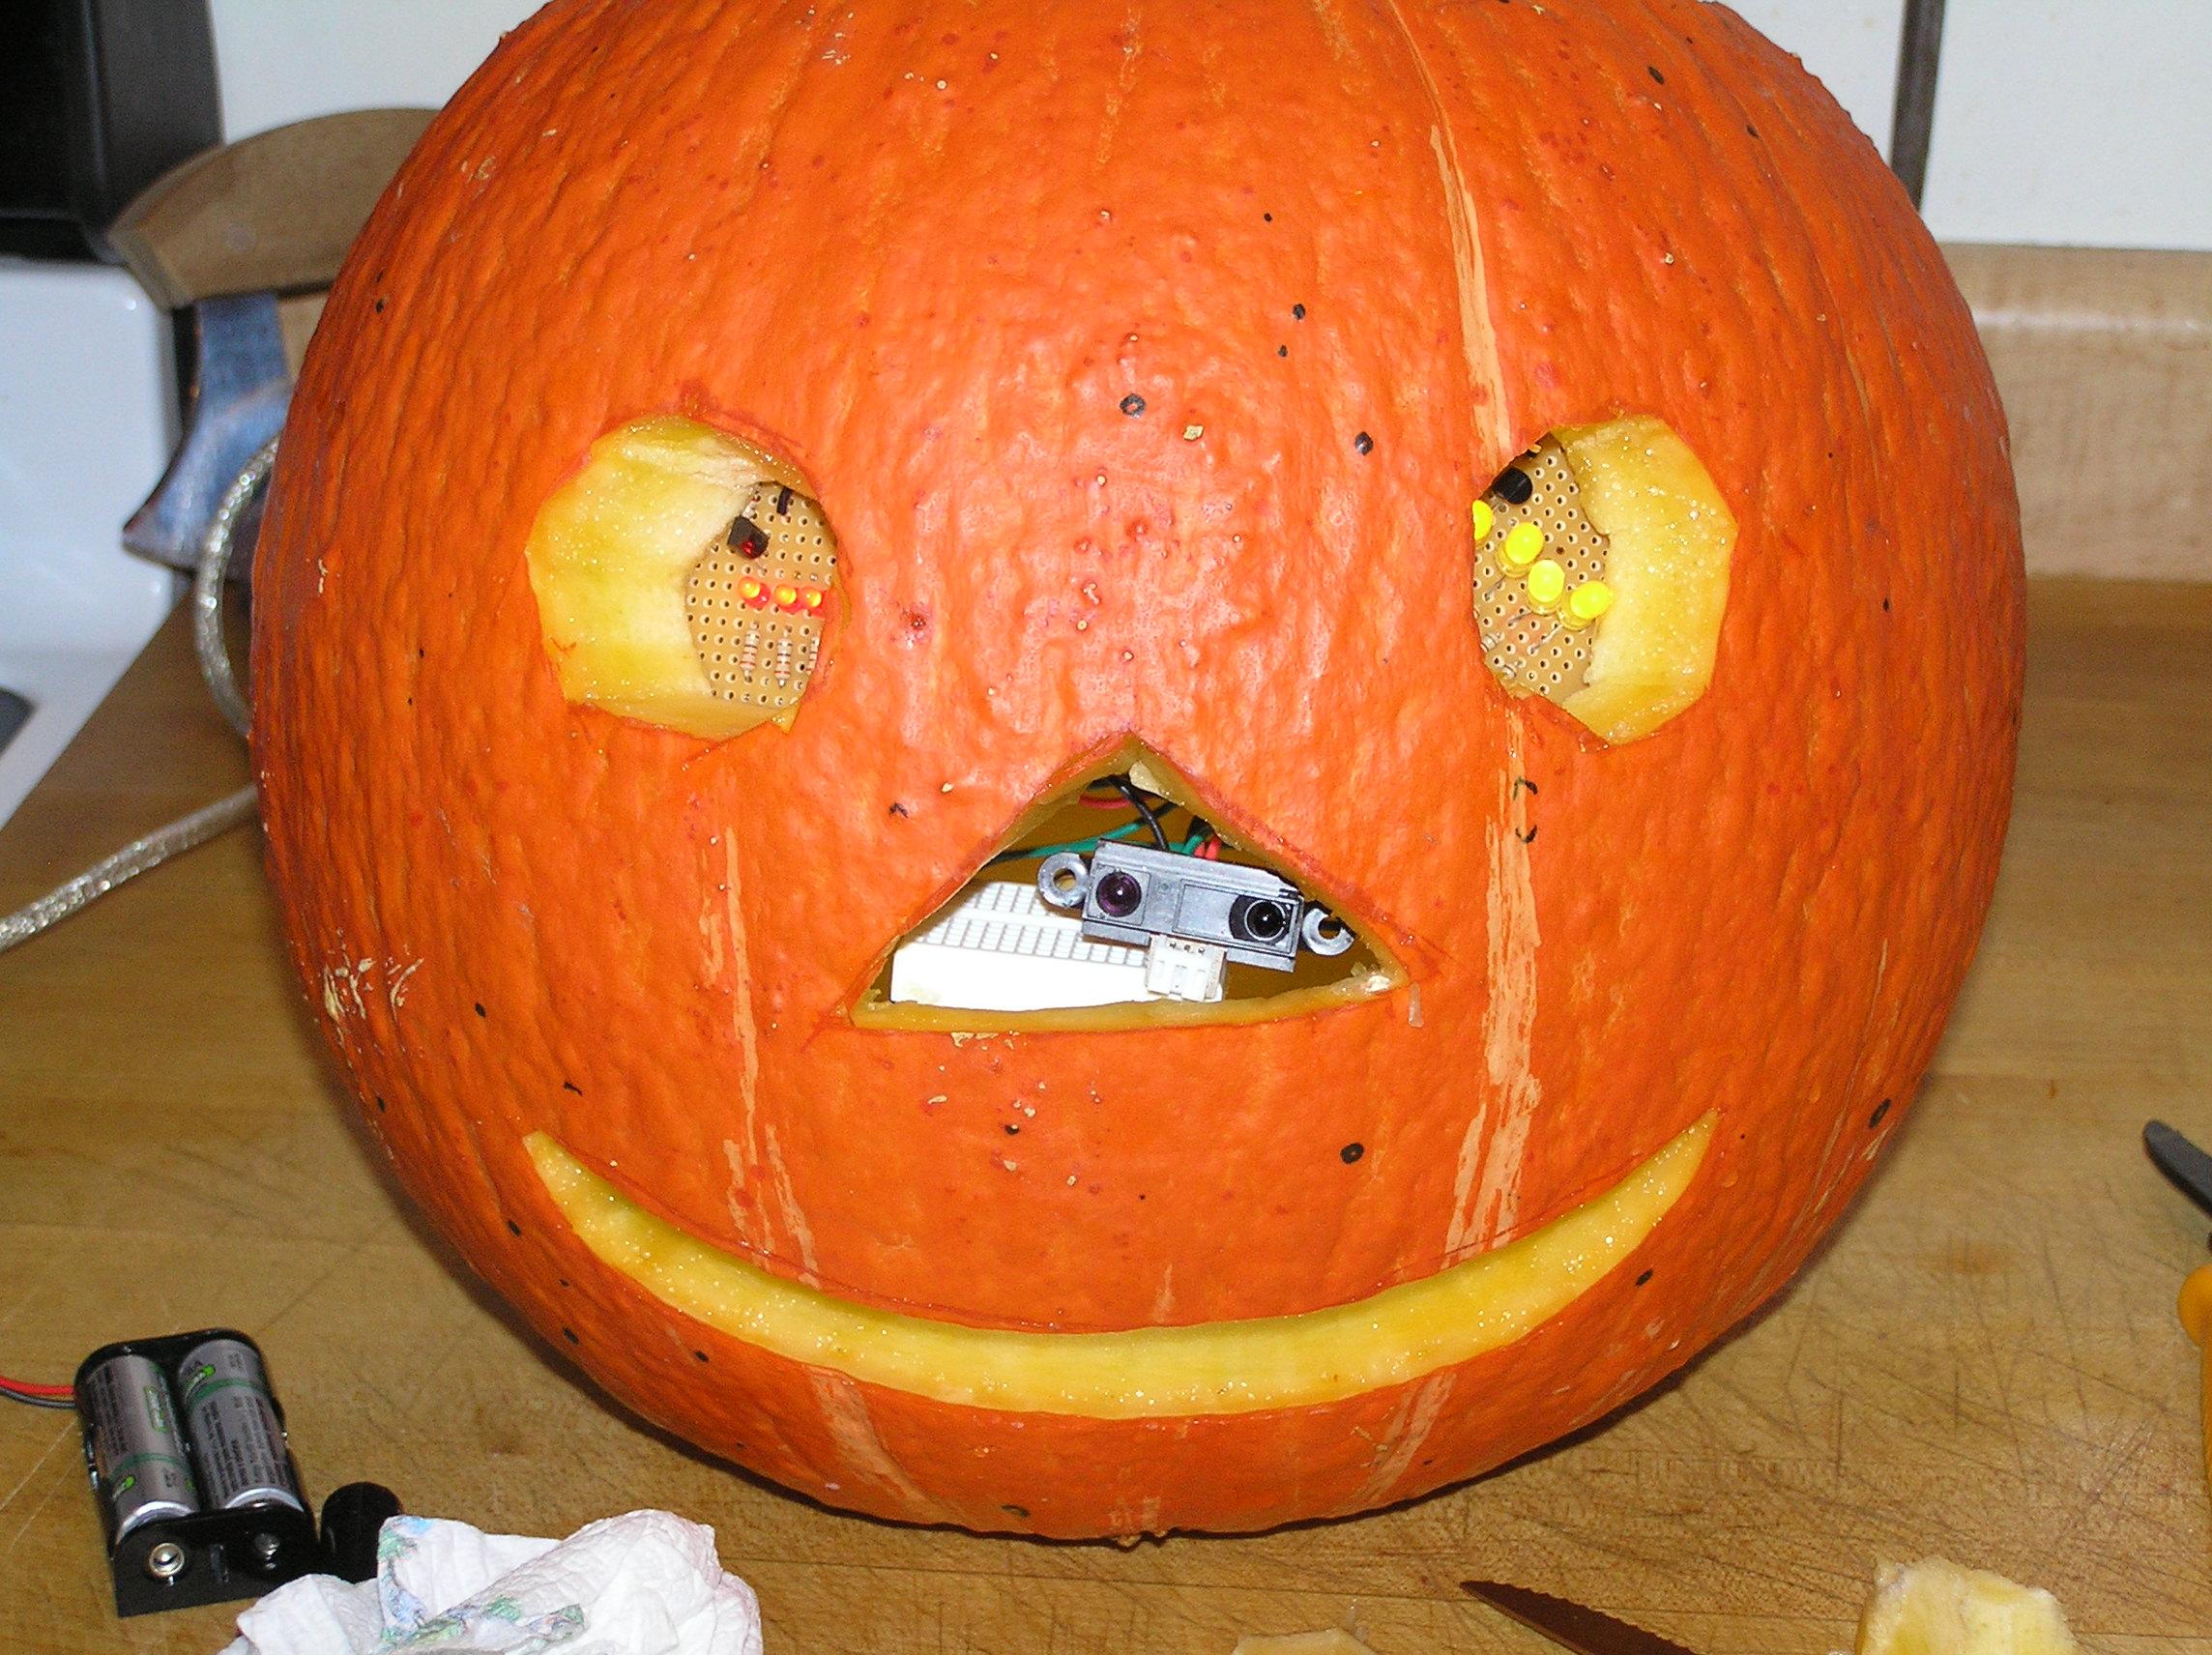 Arduino-Powered Pumpkin